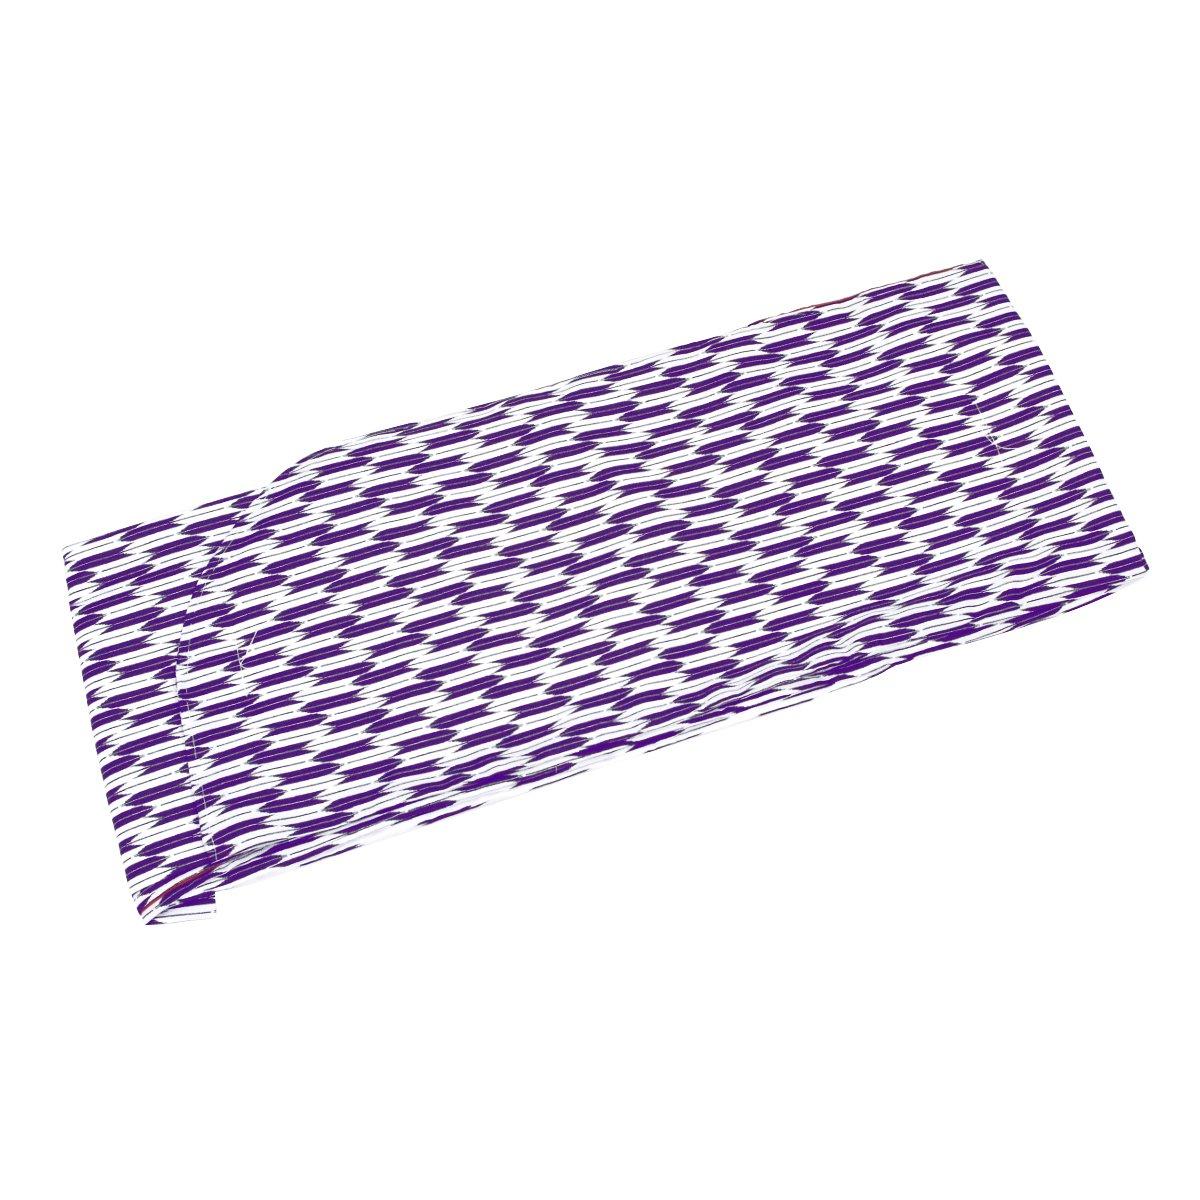 (キョウエツ) KYOETSU はいからさん 二尺袖着物 矢羽根/矢絣 単品 B06XFYHS9F M|紫(小矢絣) 紫(小矢絣) M